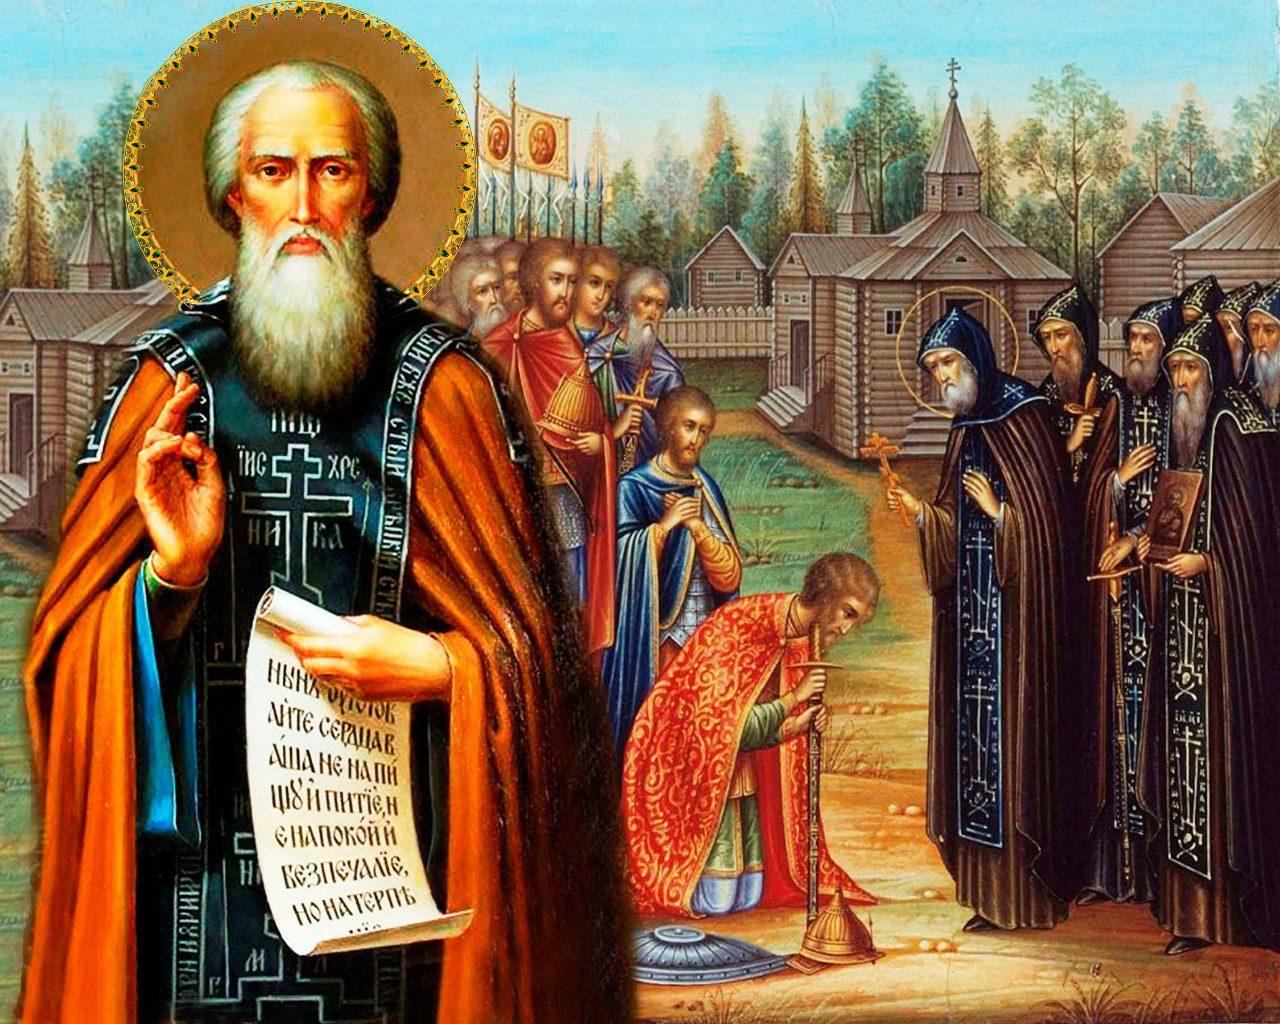 8 октября 2018 года праздник Сергия Радонежского - приметы, обычаи и народные поверья